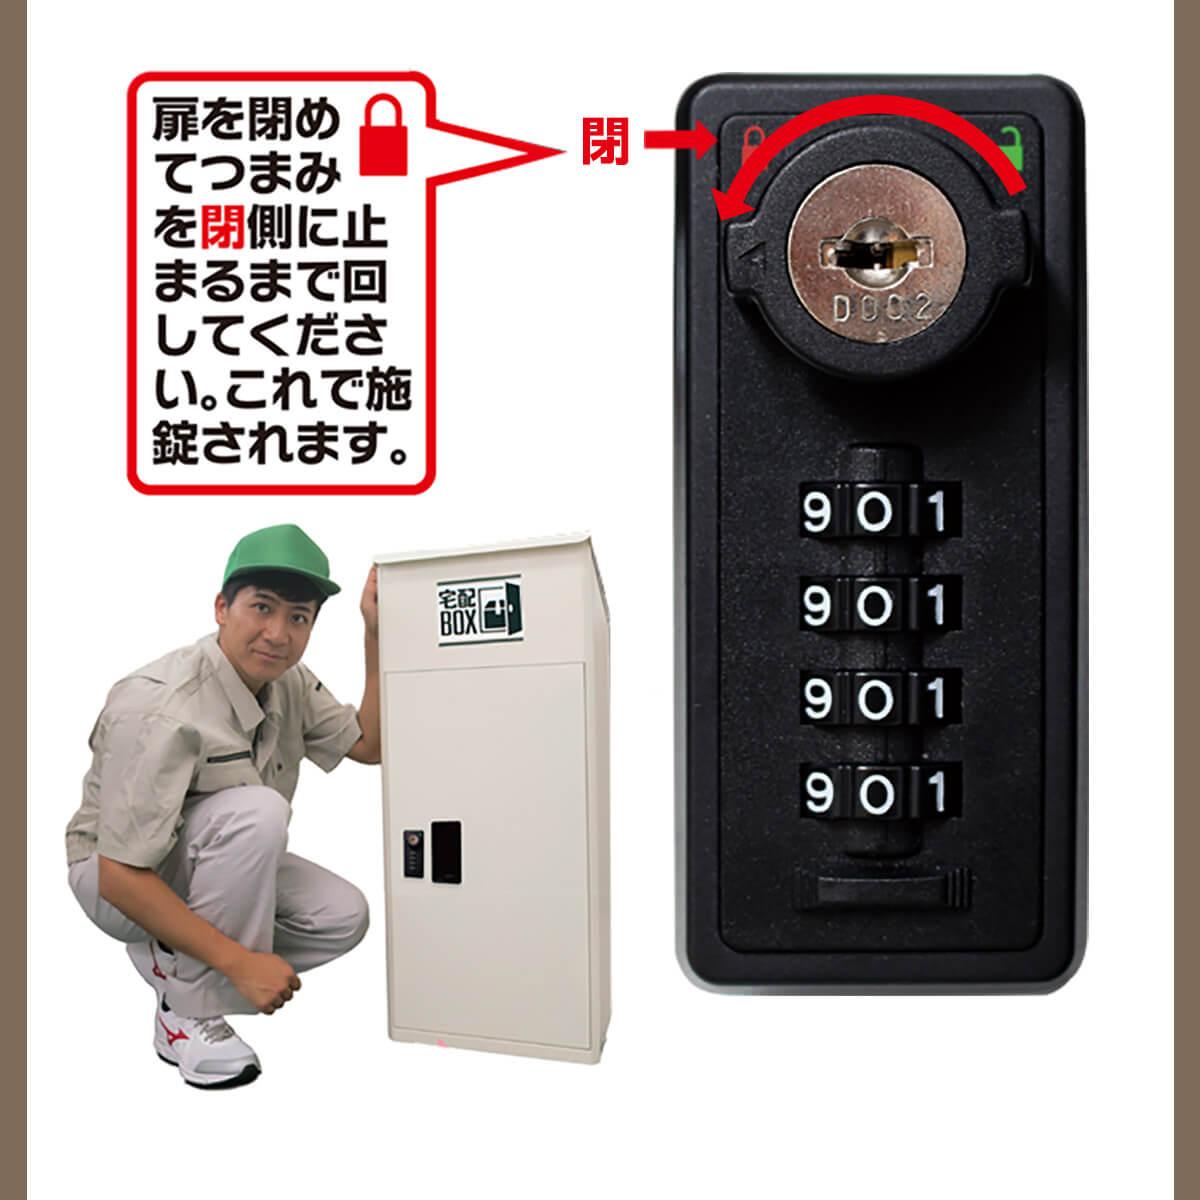 宅配ボックス ルスネコボックス®使い方7